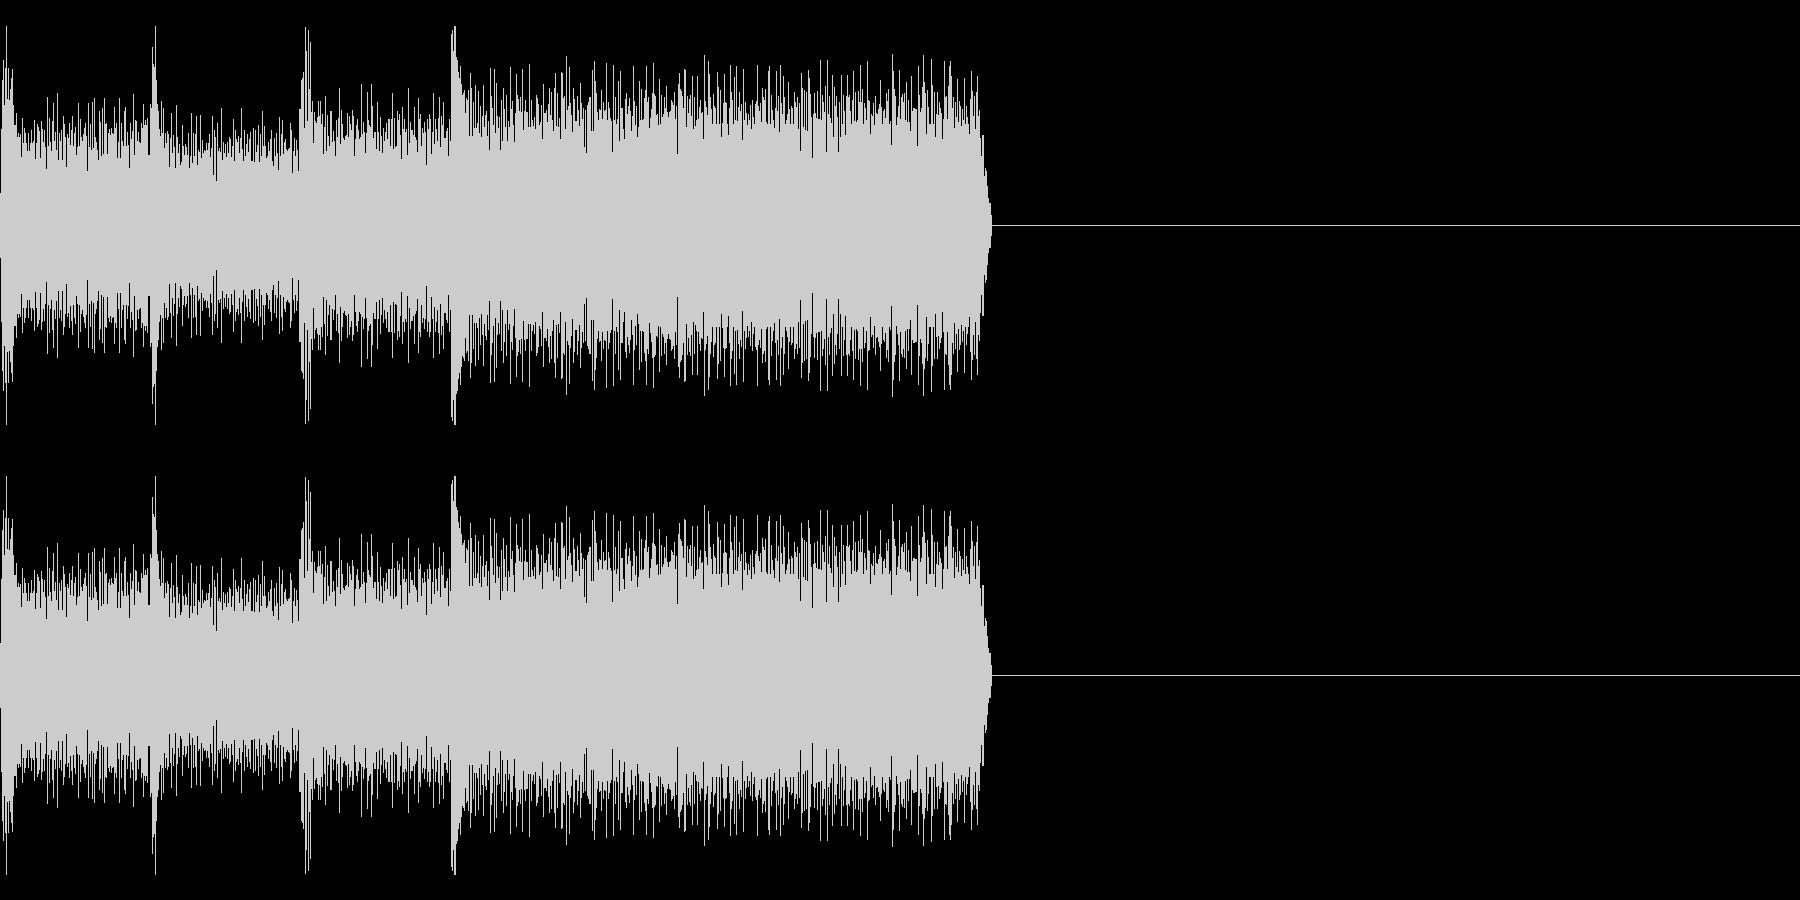 「デレレレー」不吉、ゲームオーバーの未再生の波形